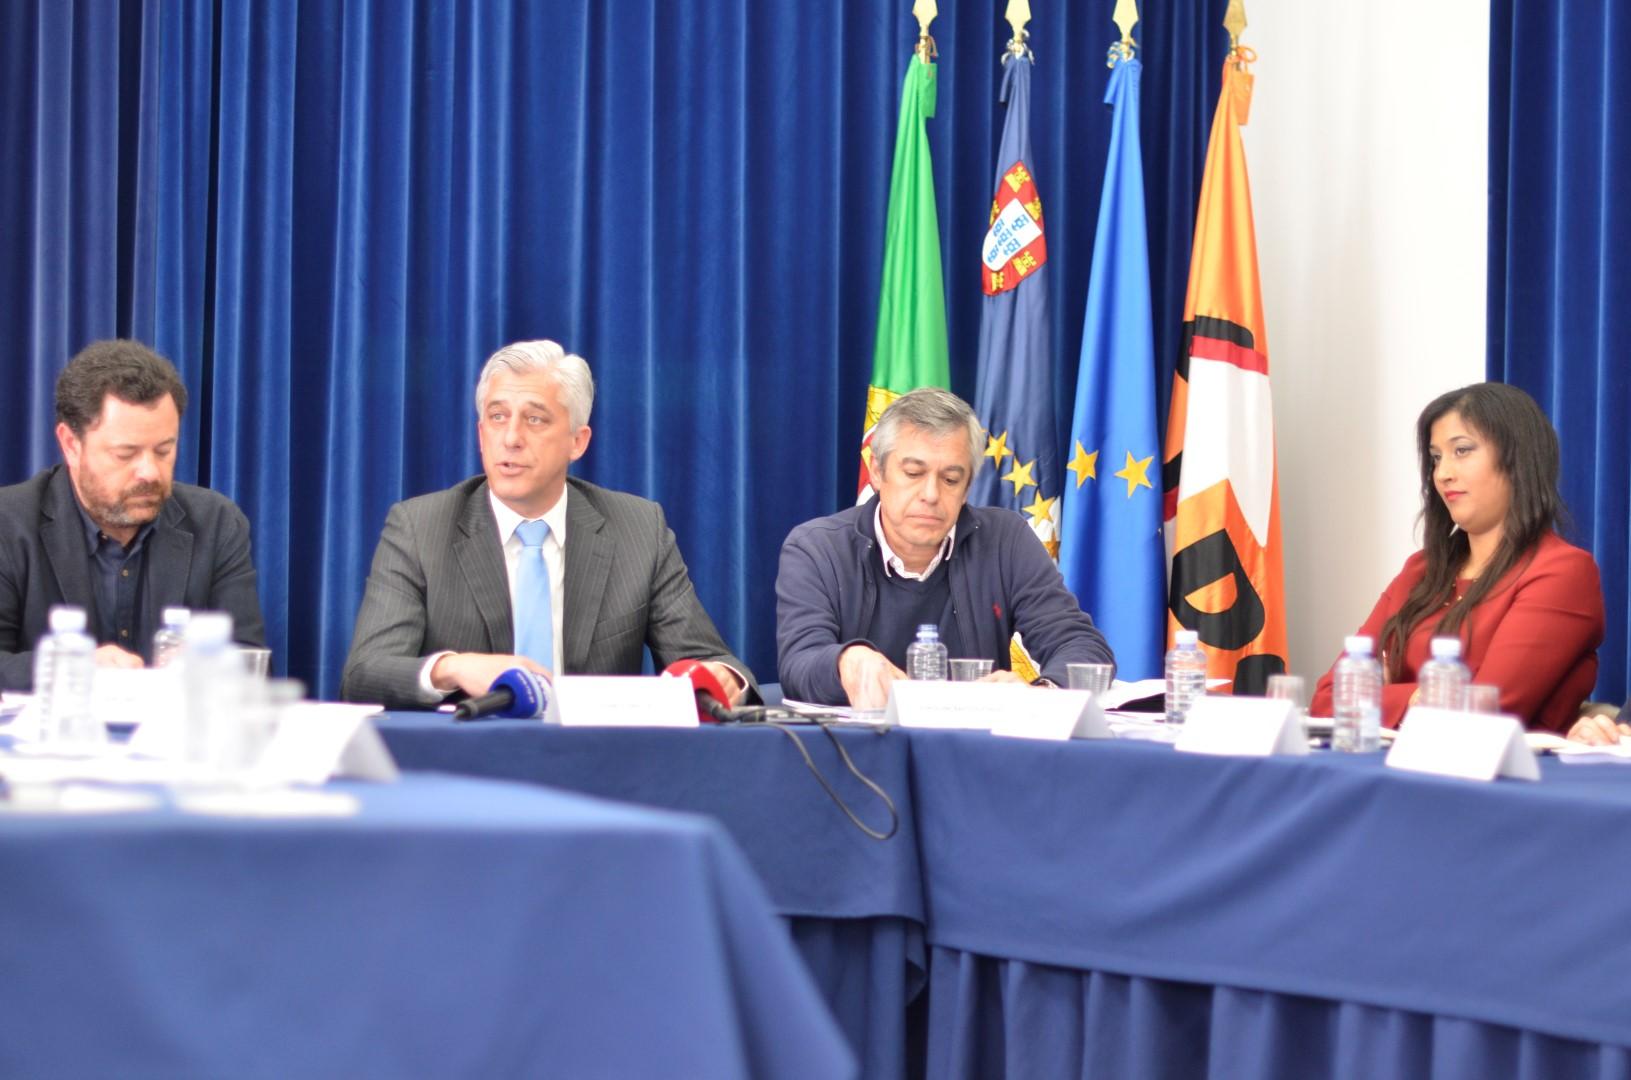 """PSD/Açores prepara programa de governo com """"equipa de excelência"""""""